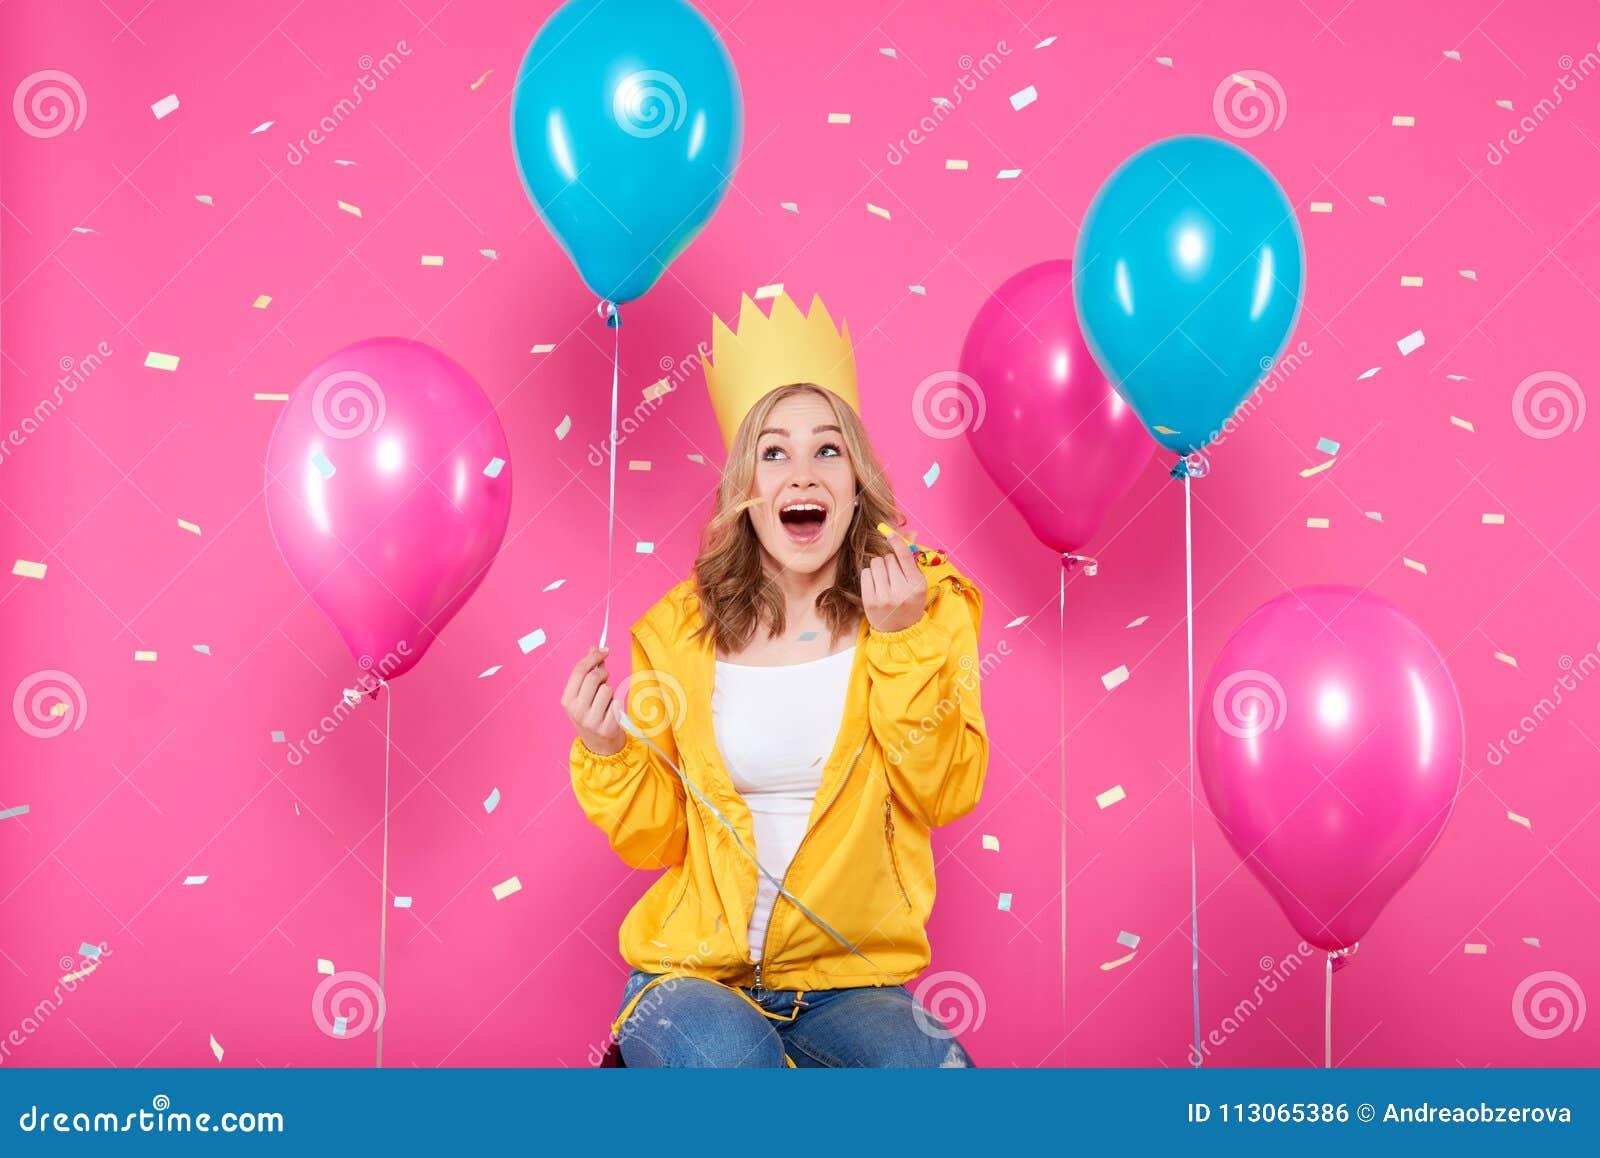 Het grappige meisje in verjaardagshoed, de ballons en de vliegende confettien op pastelkleur doorboren achtergrond Aantrekkelijke